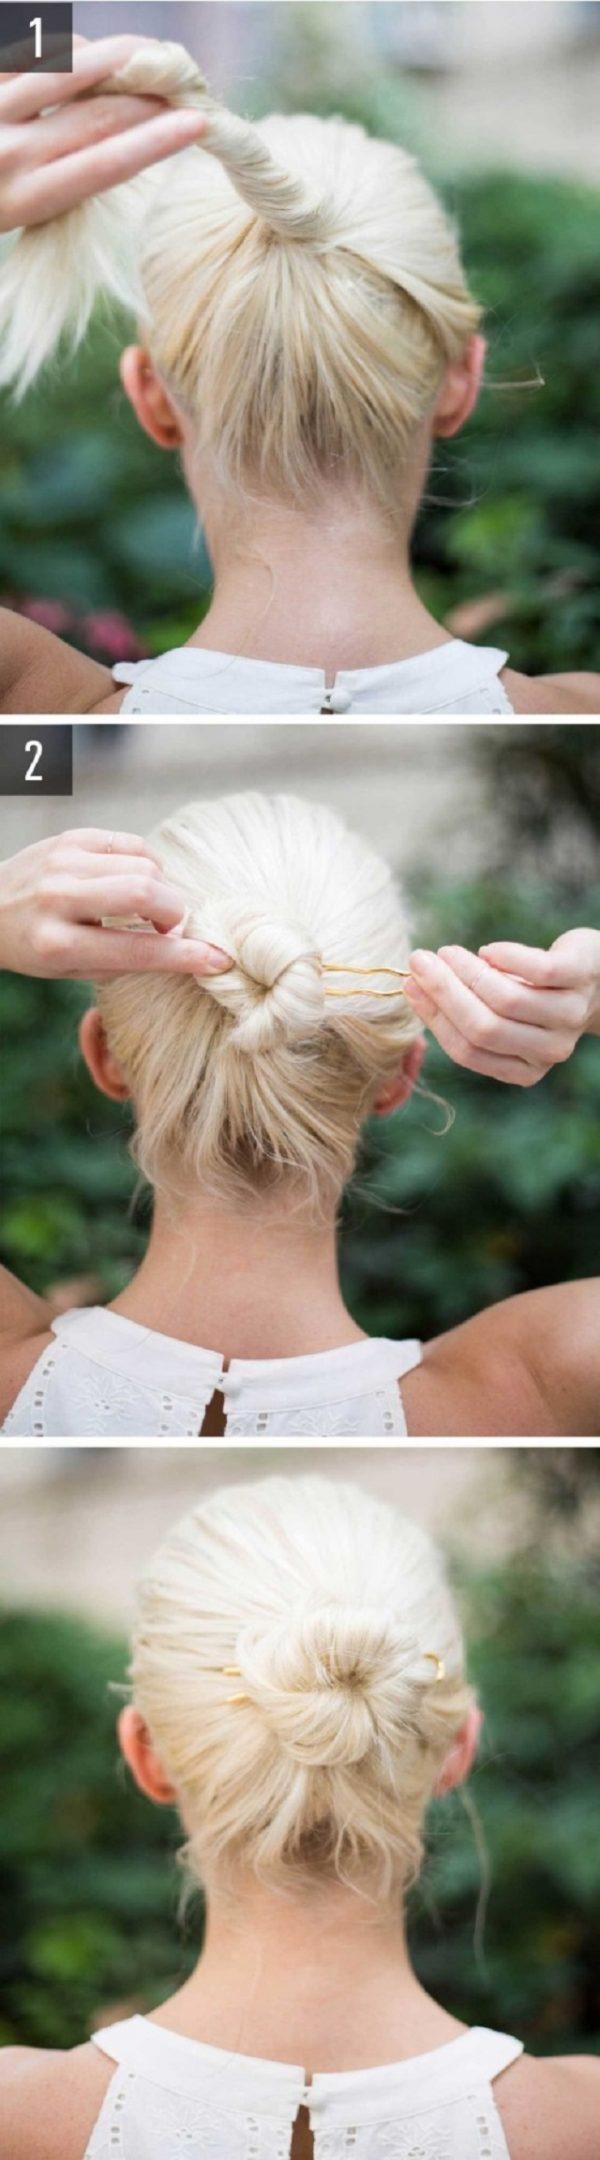 Cách làm những kiểu tóc đẹp, sang trọng nhanh nhất cho các nàng xuống phố (6)